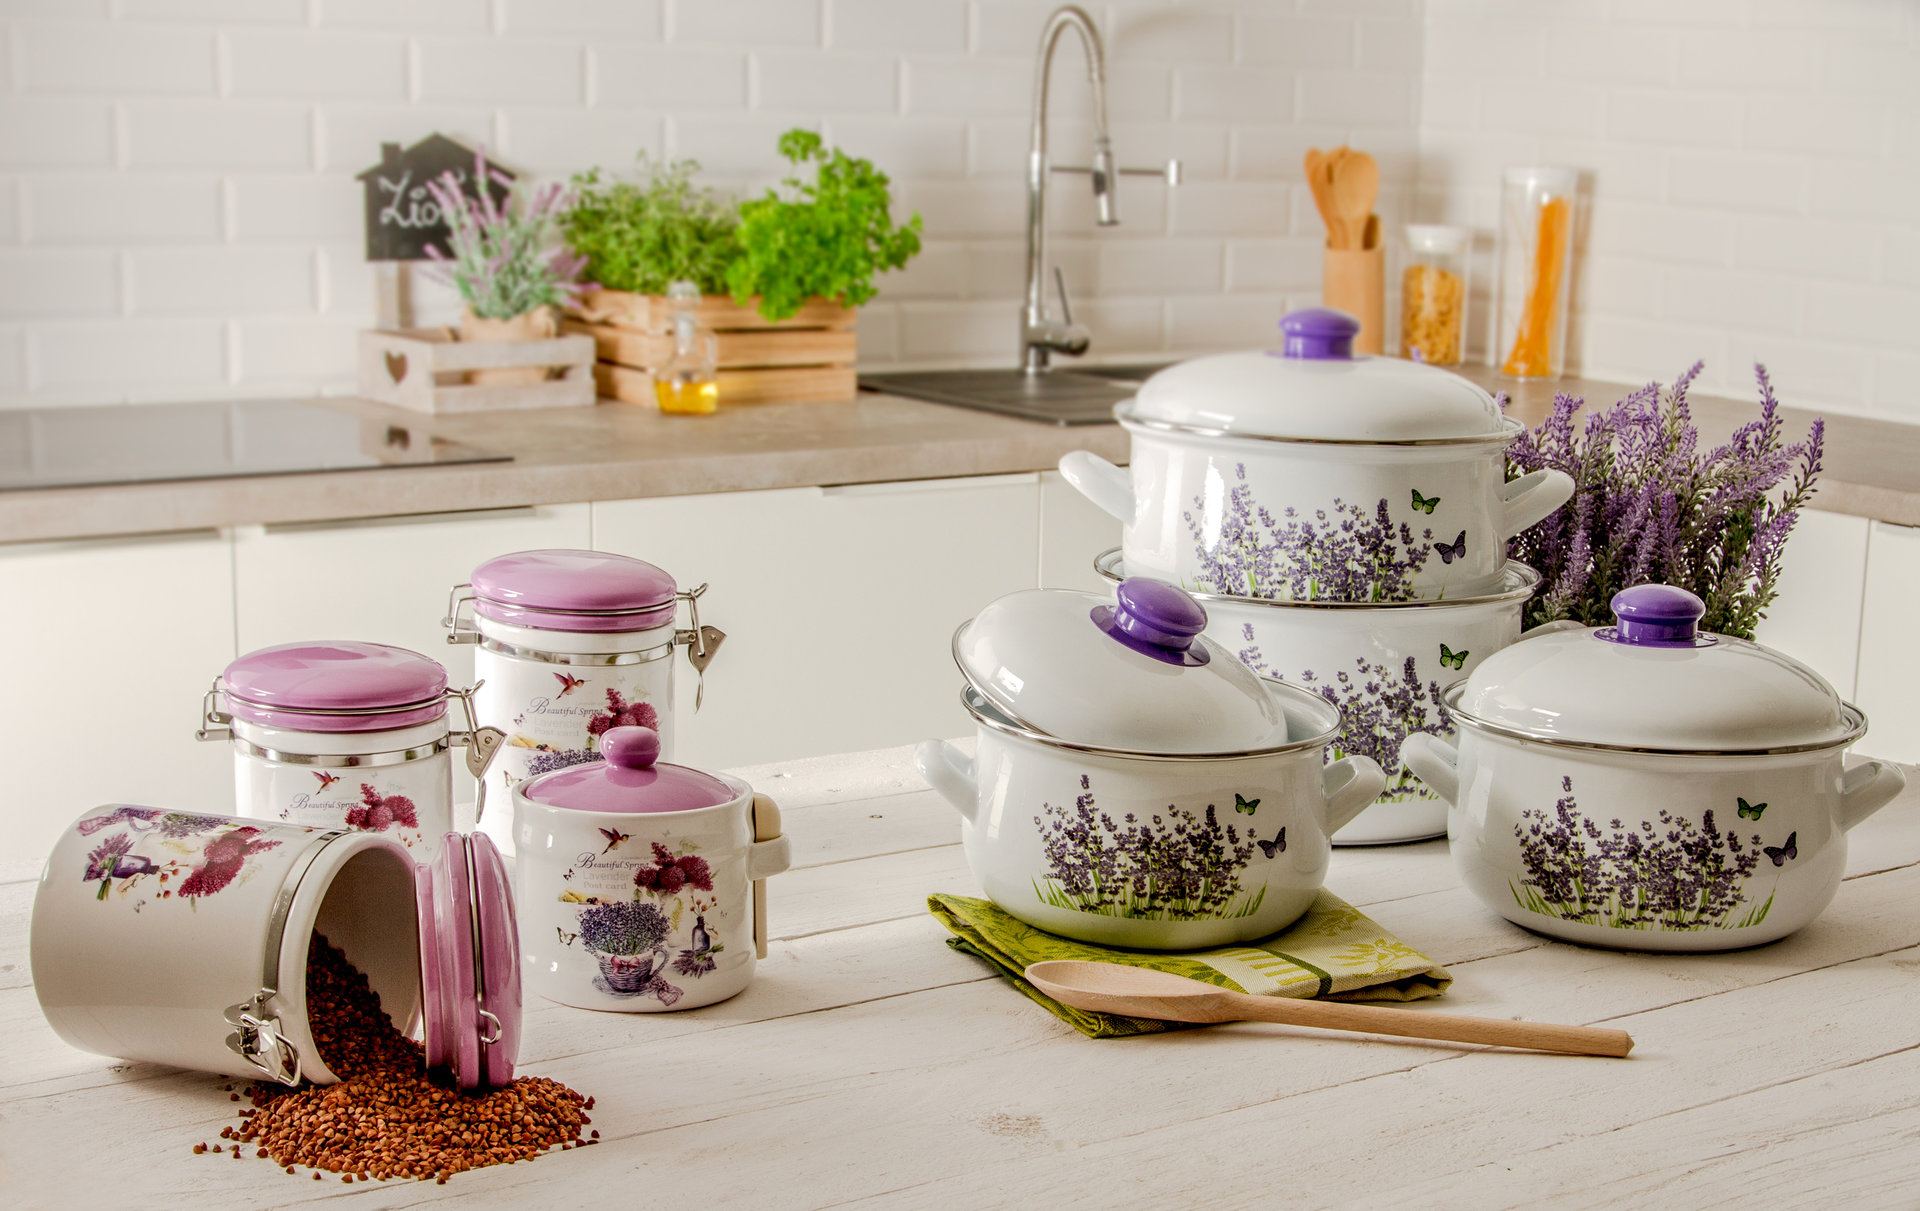 Domowe gotowanie w prowansalskim stylu – niezbędnik